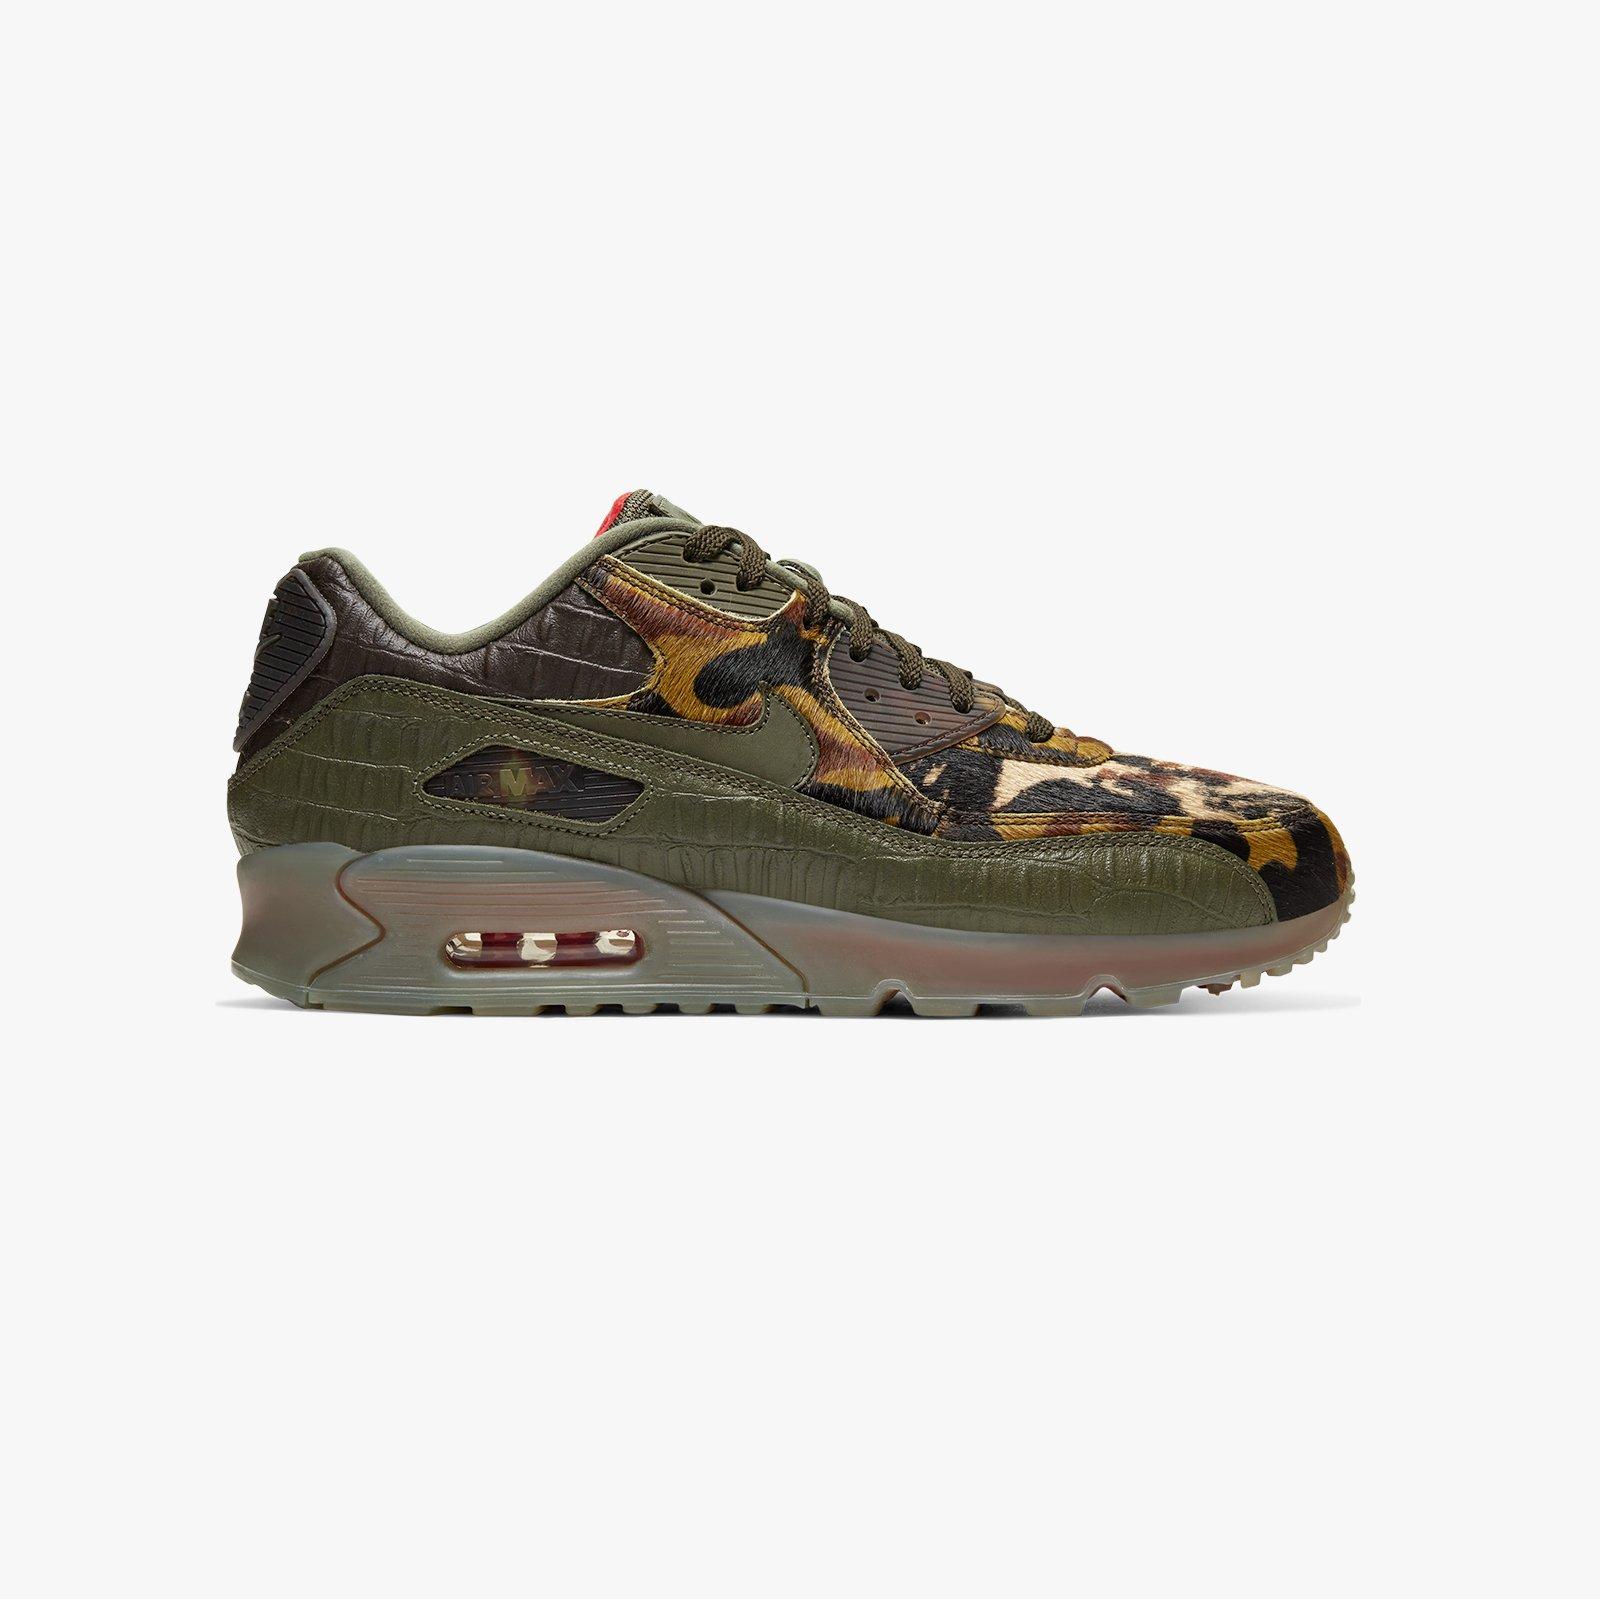 Nike Air Max 90 Cu0675 300 Sneakersnstuff   sneakers